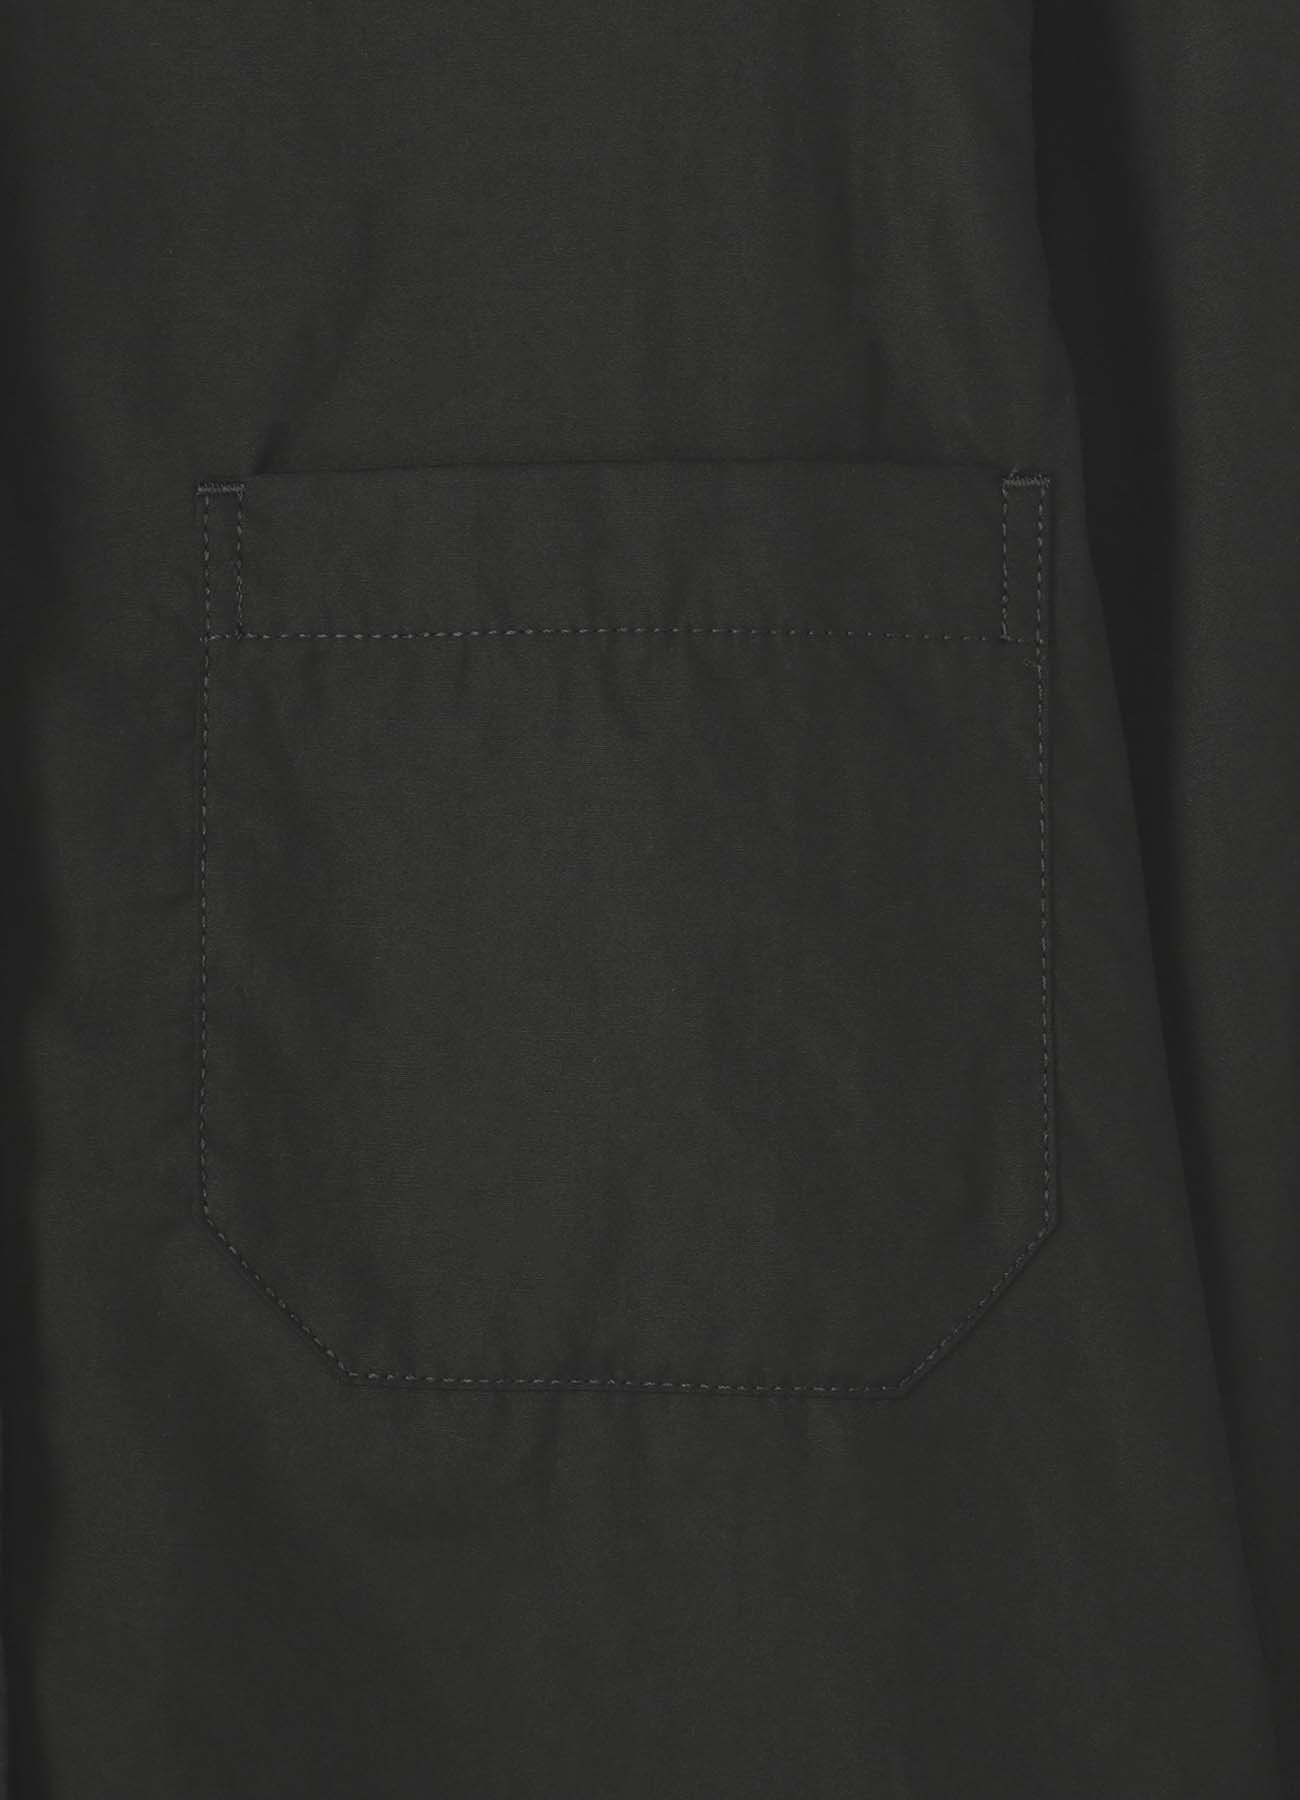 環縫いブロード ロングカラーブラウス